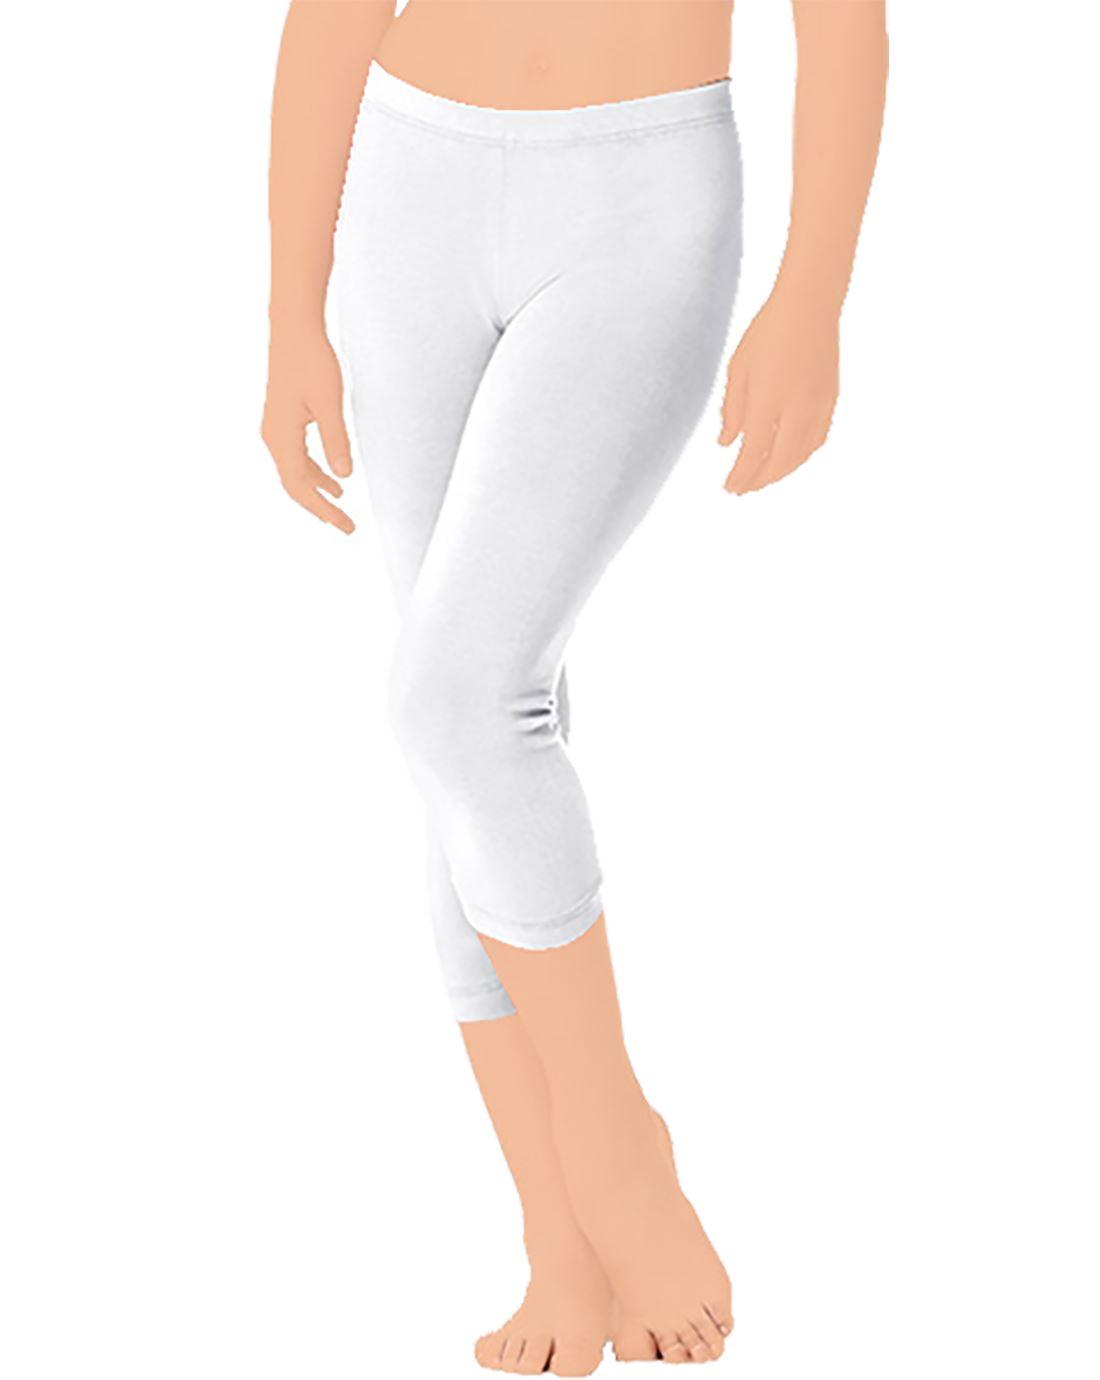 Girls 3-4 Length Flexible Skin Fit Cotton Legging Kids Fancy Casual Wear